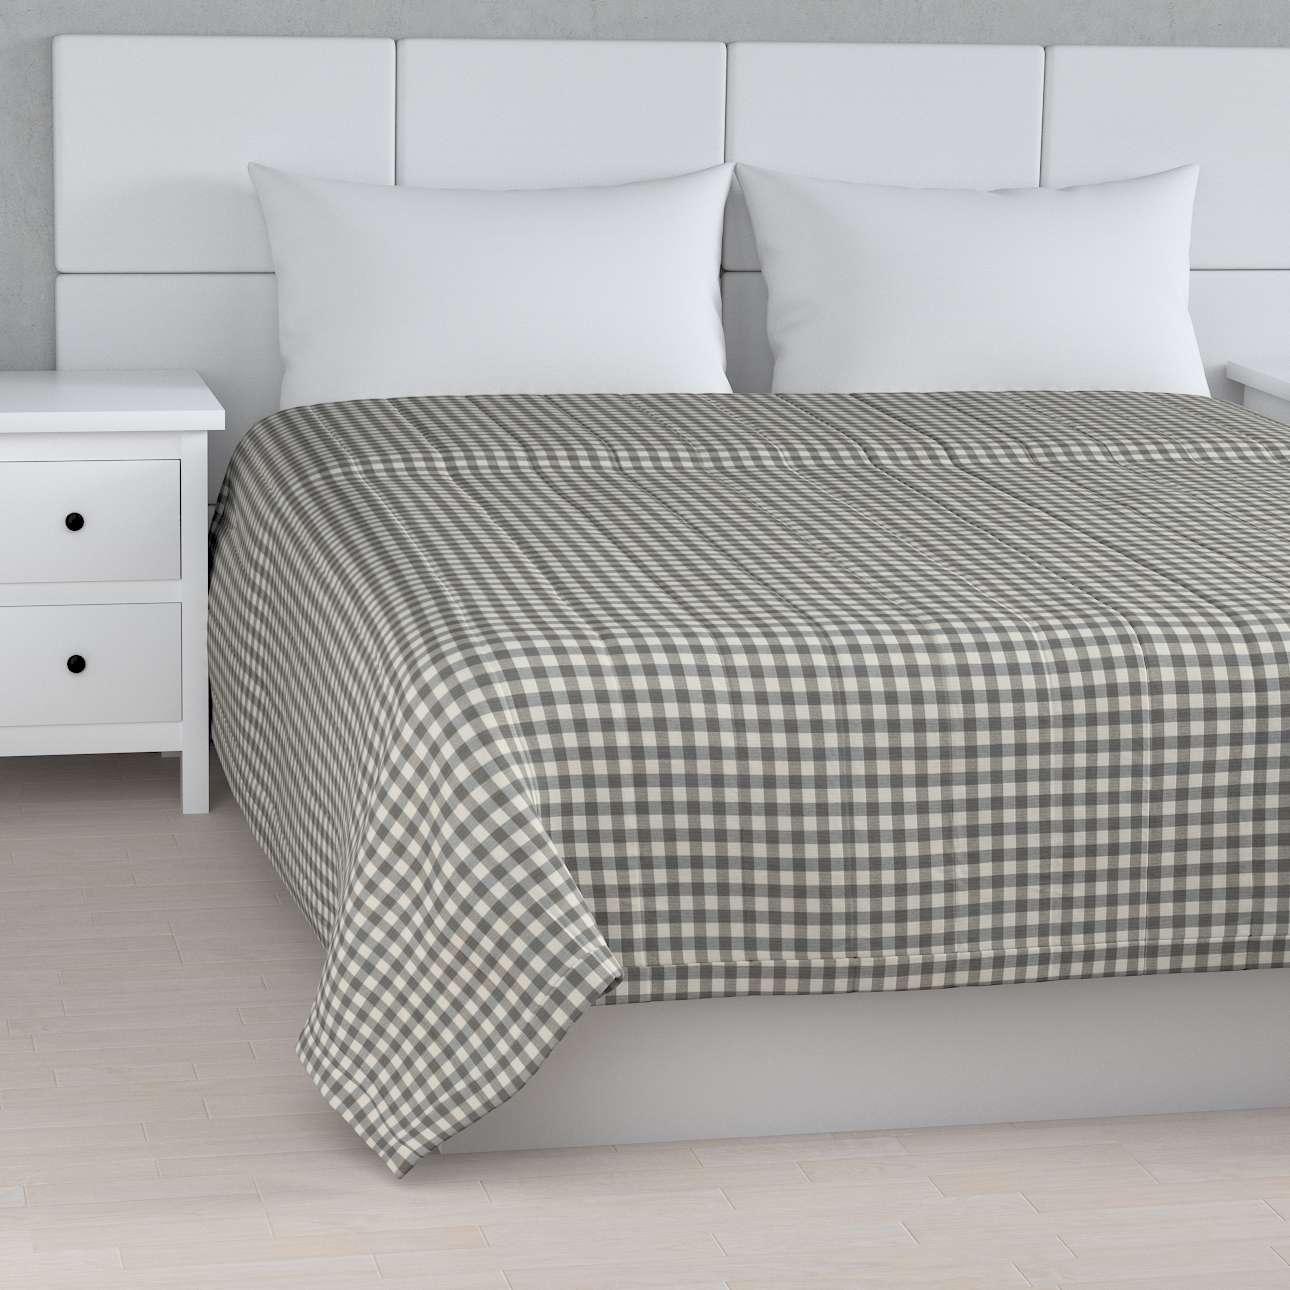 Tagesdecke mit Streifen-Steppung von der Kollektion Quadro, Stoff: 136-11